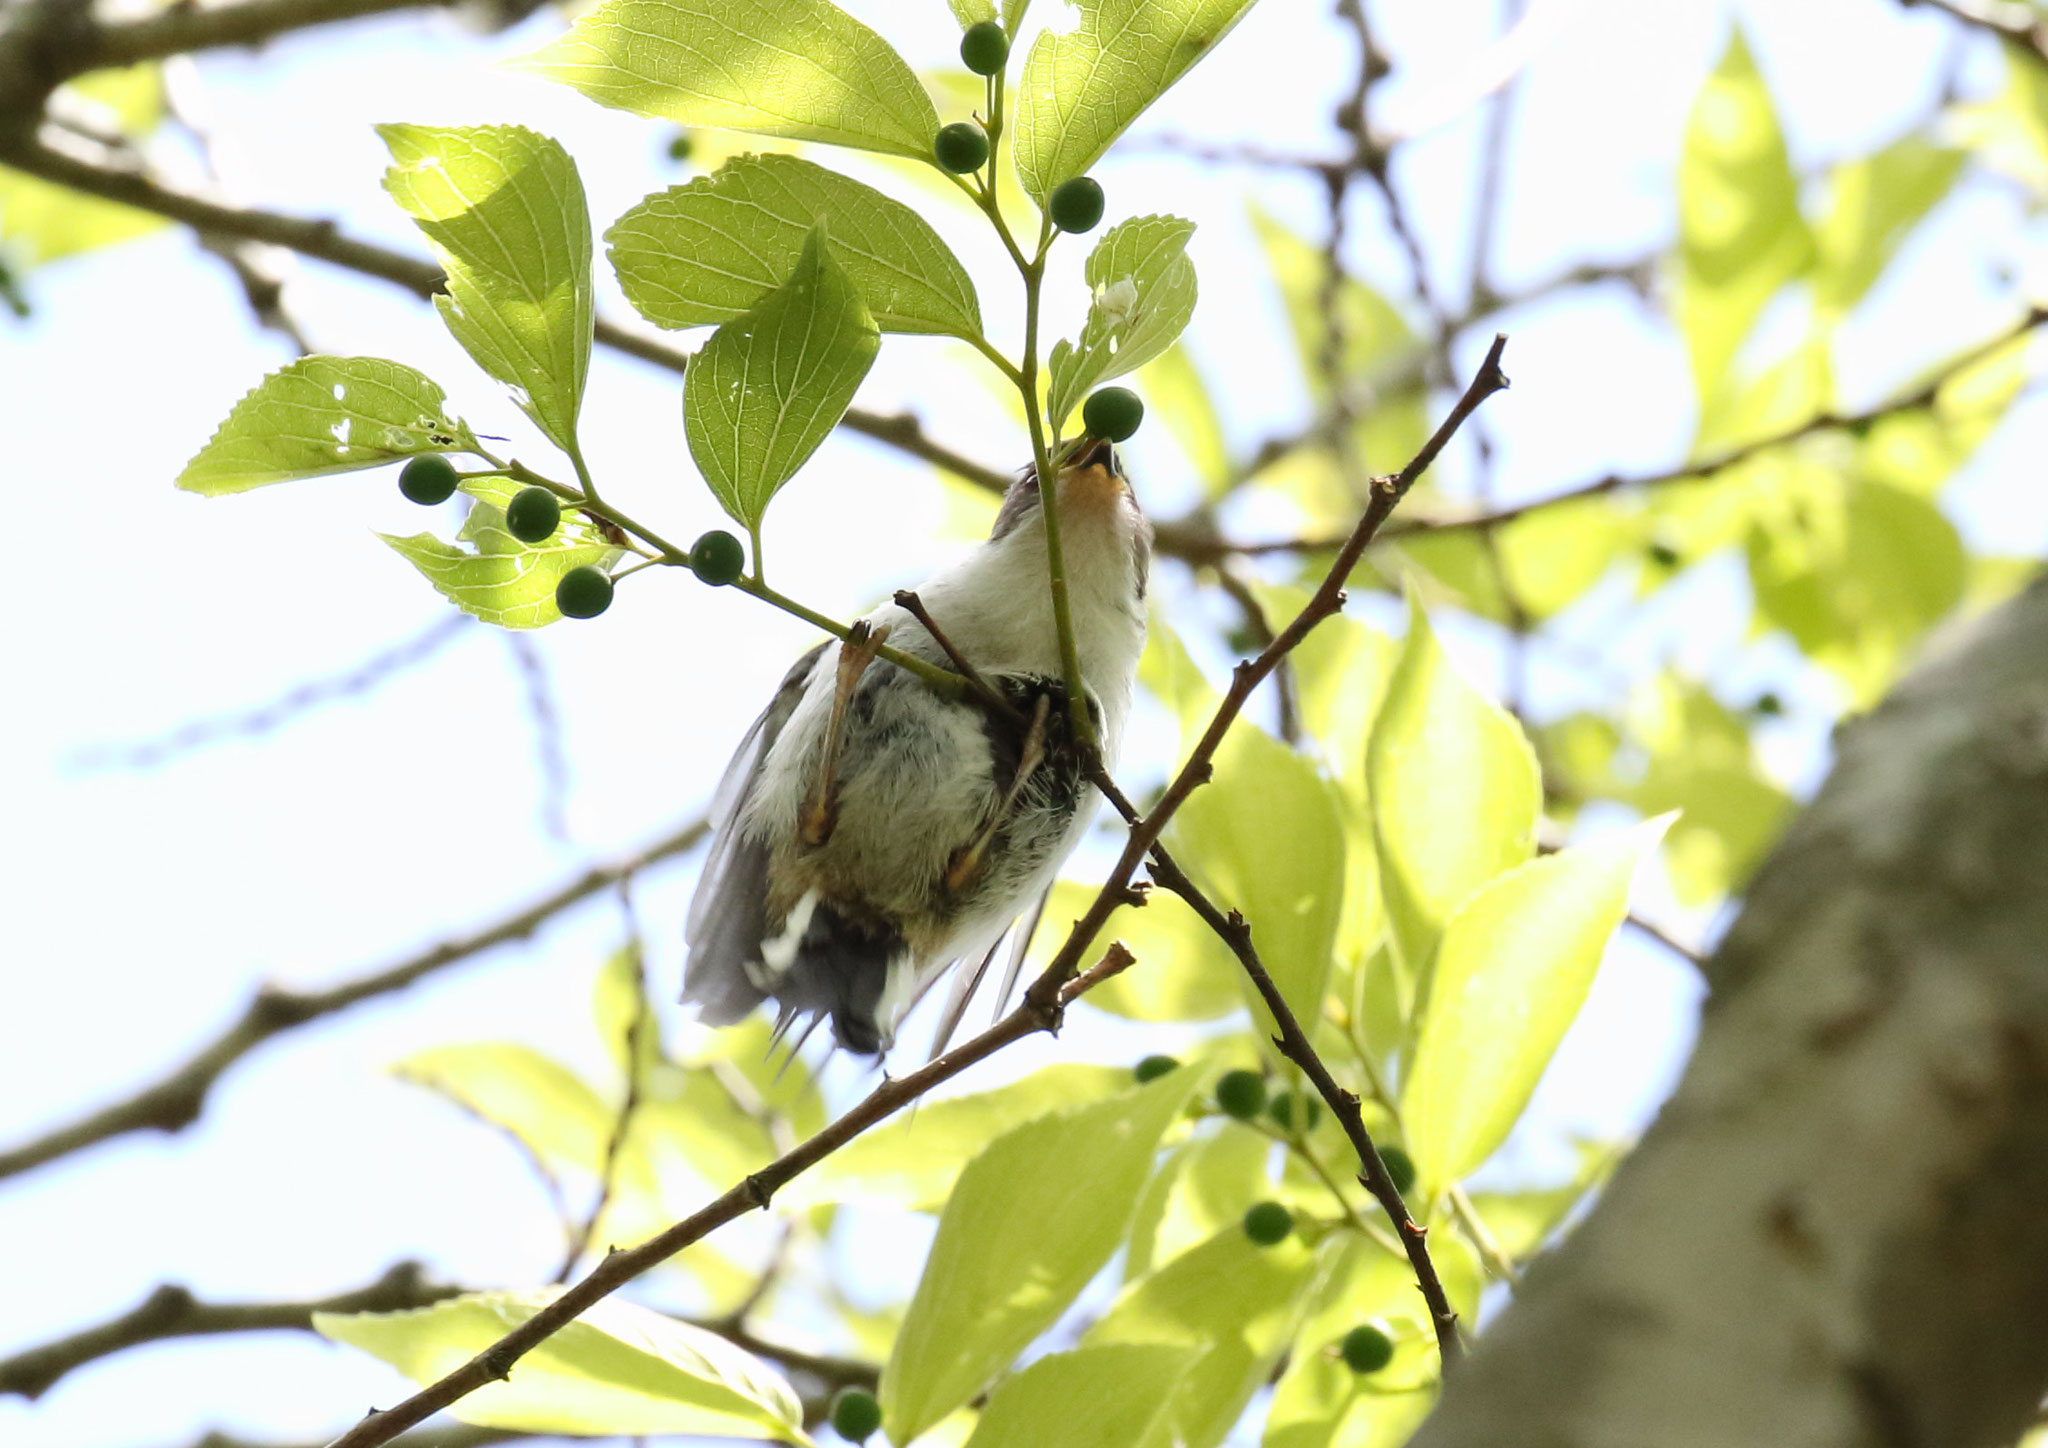 木の実啄む雛 エナガ雛 2021/4/27 柏市郊外 雛 1羽 群れから離れ木の実啄む。